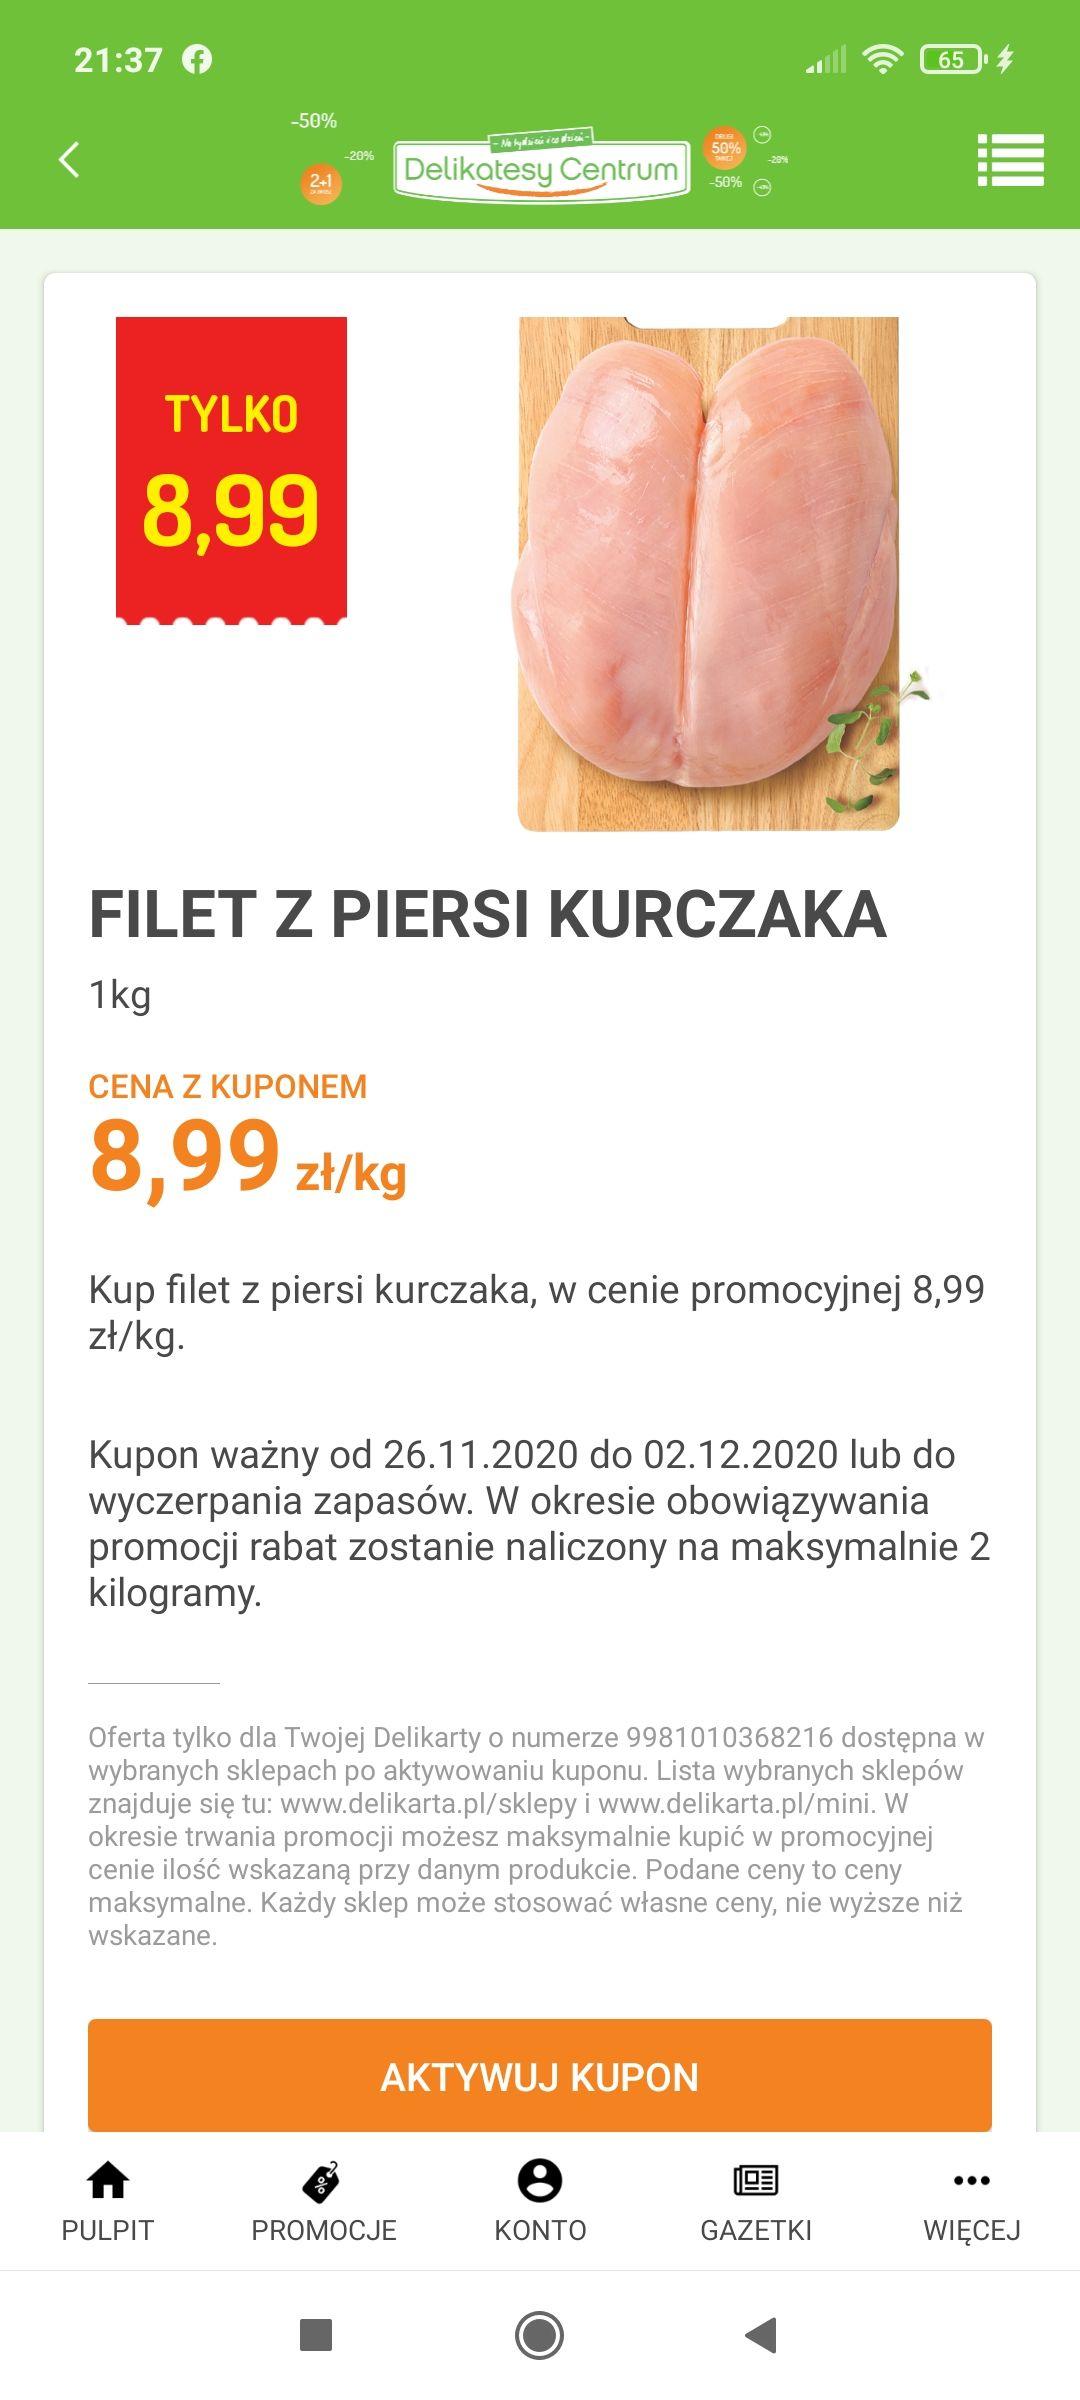 Filet z piersi kurczaka 8,99zł/kg. Max 2 kg na kartę